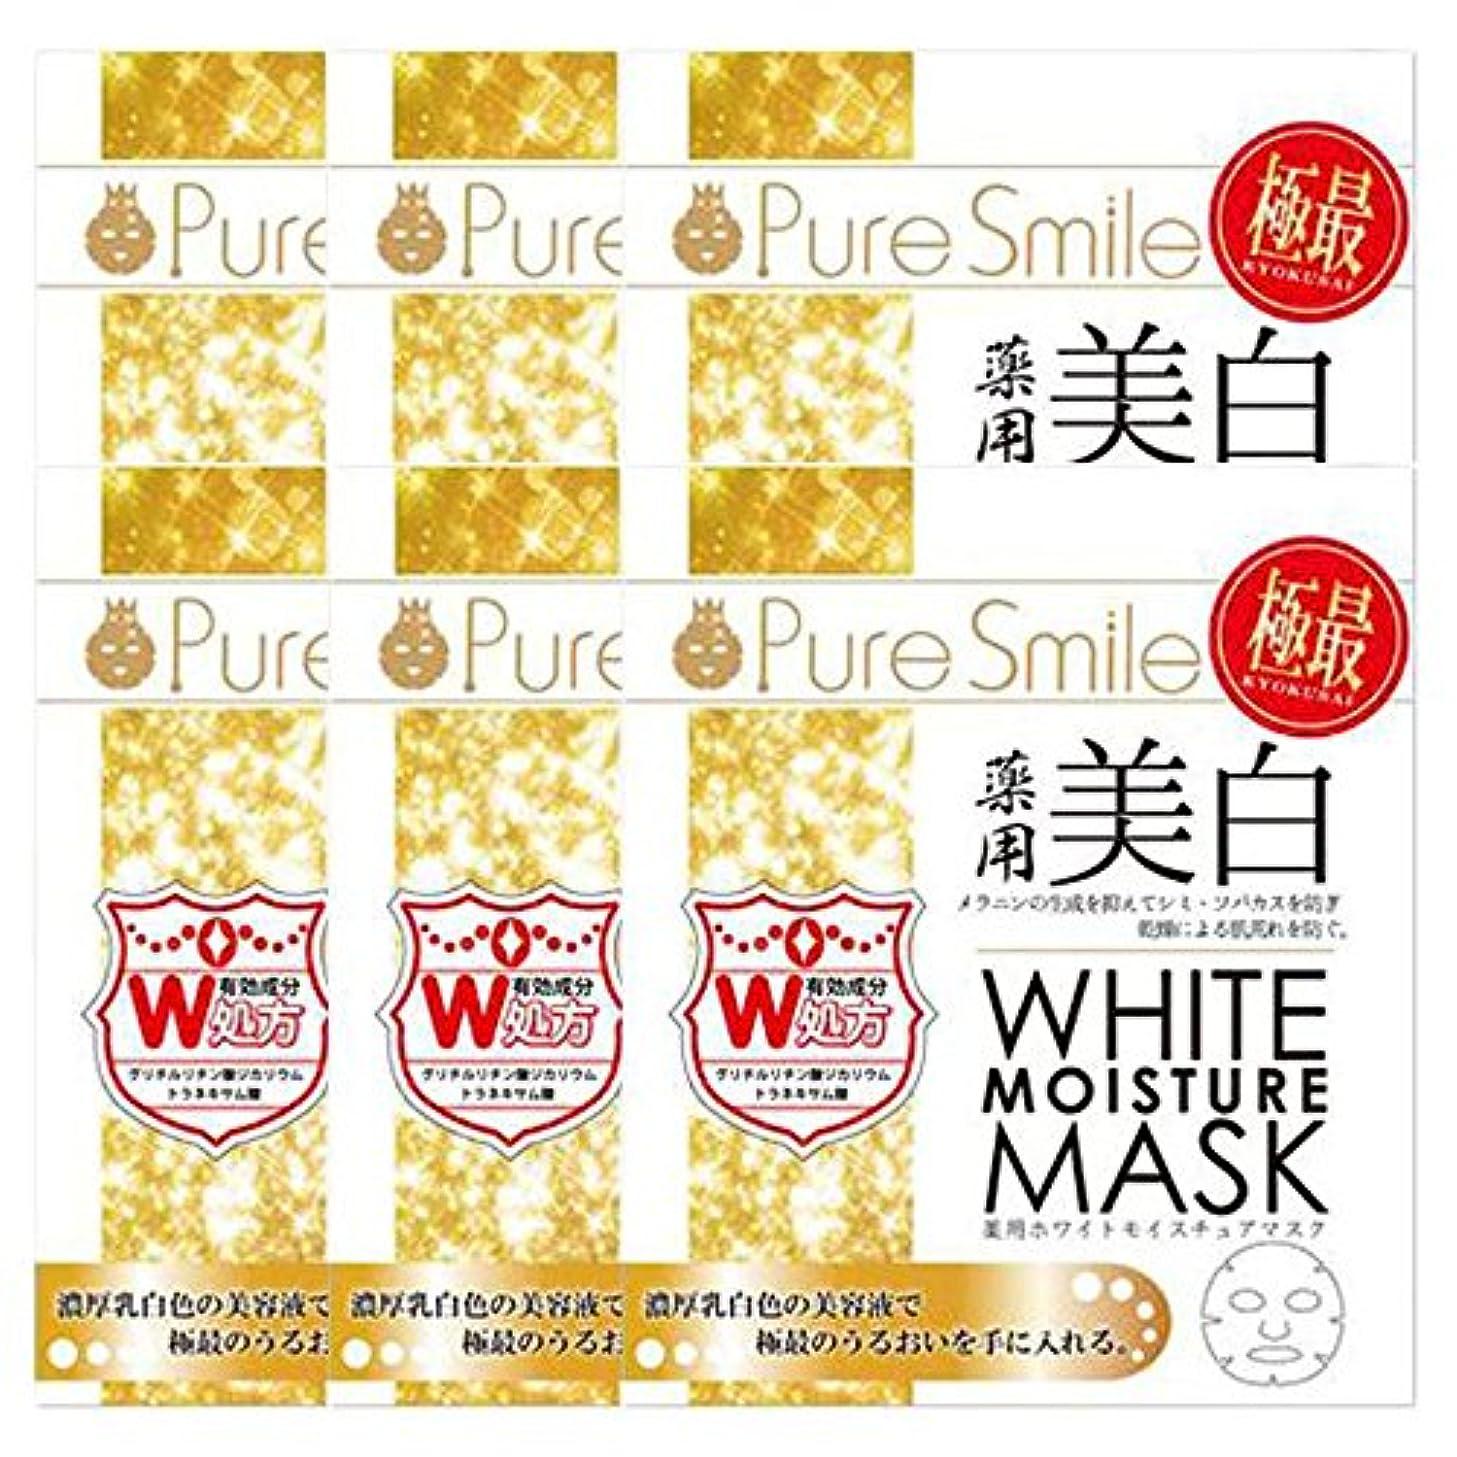 集中的な柔らかいブレースピュアスマイル 薬用ホワイトモイスチュアマスク 1枚入×6個セット